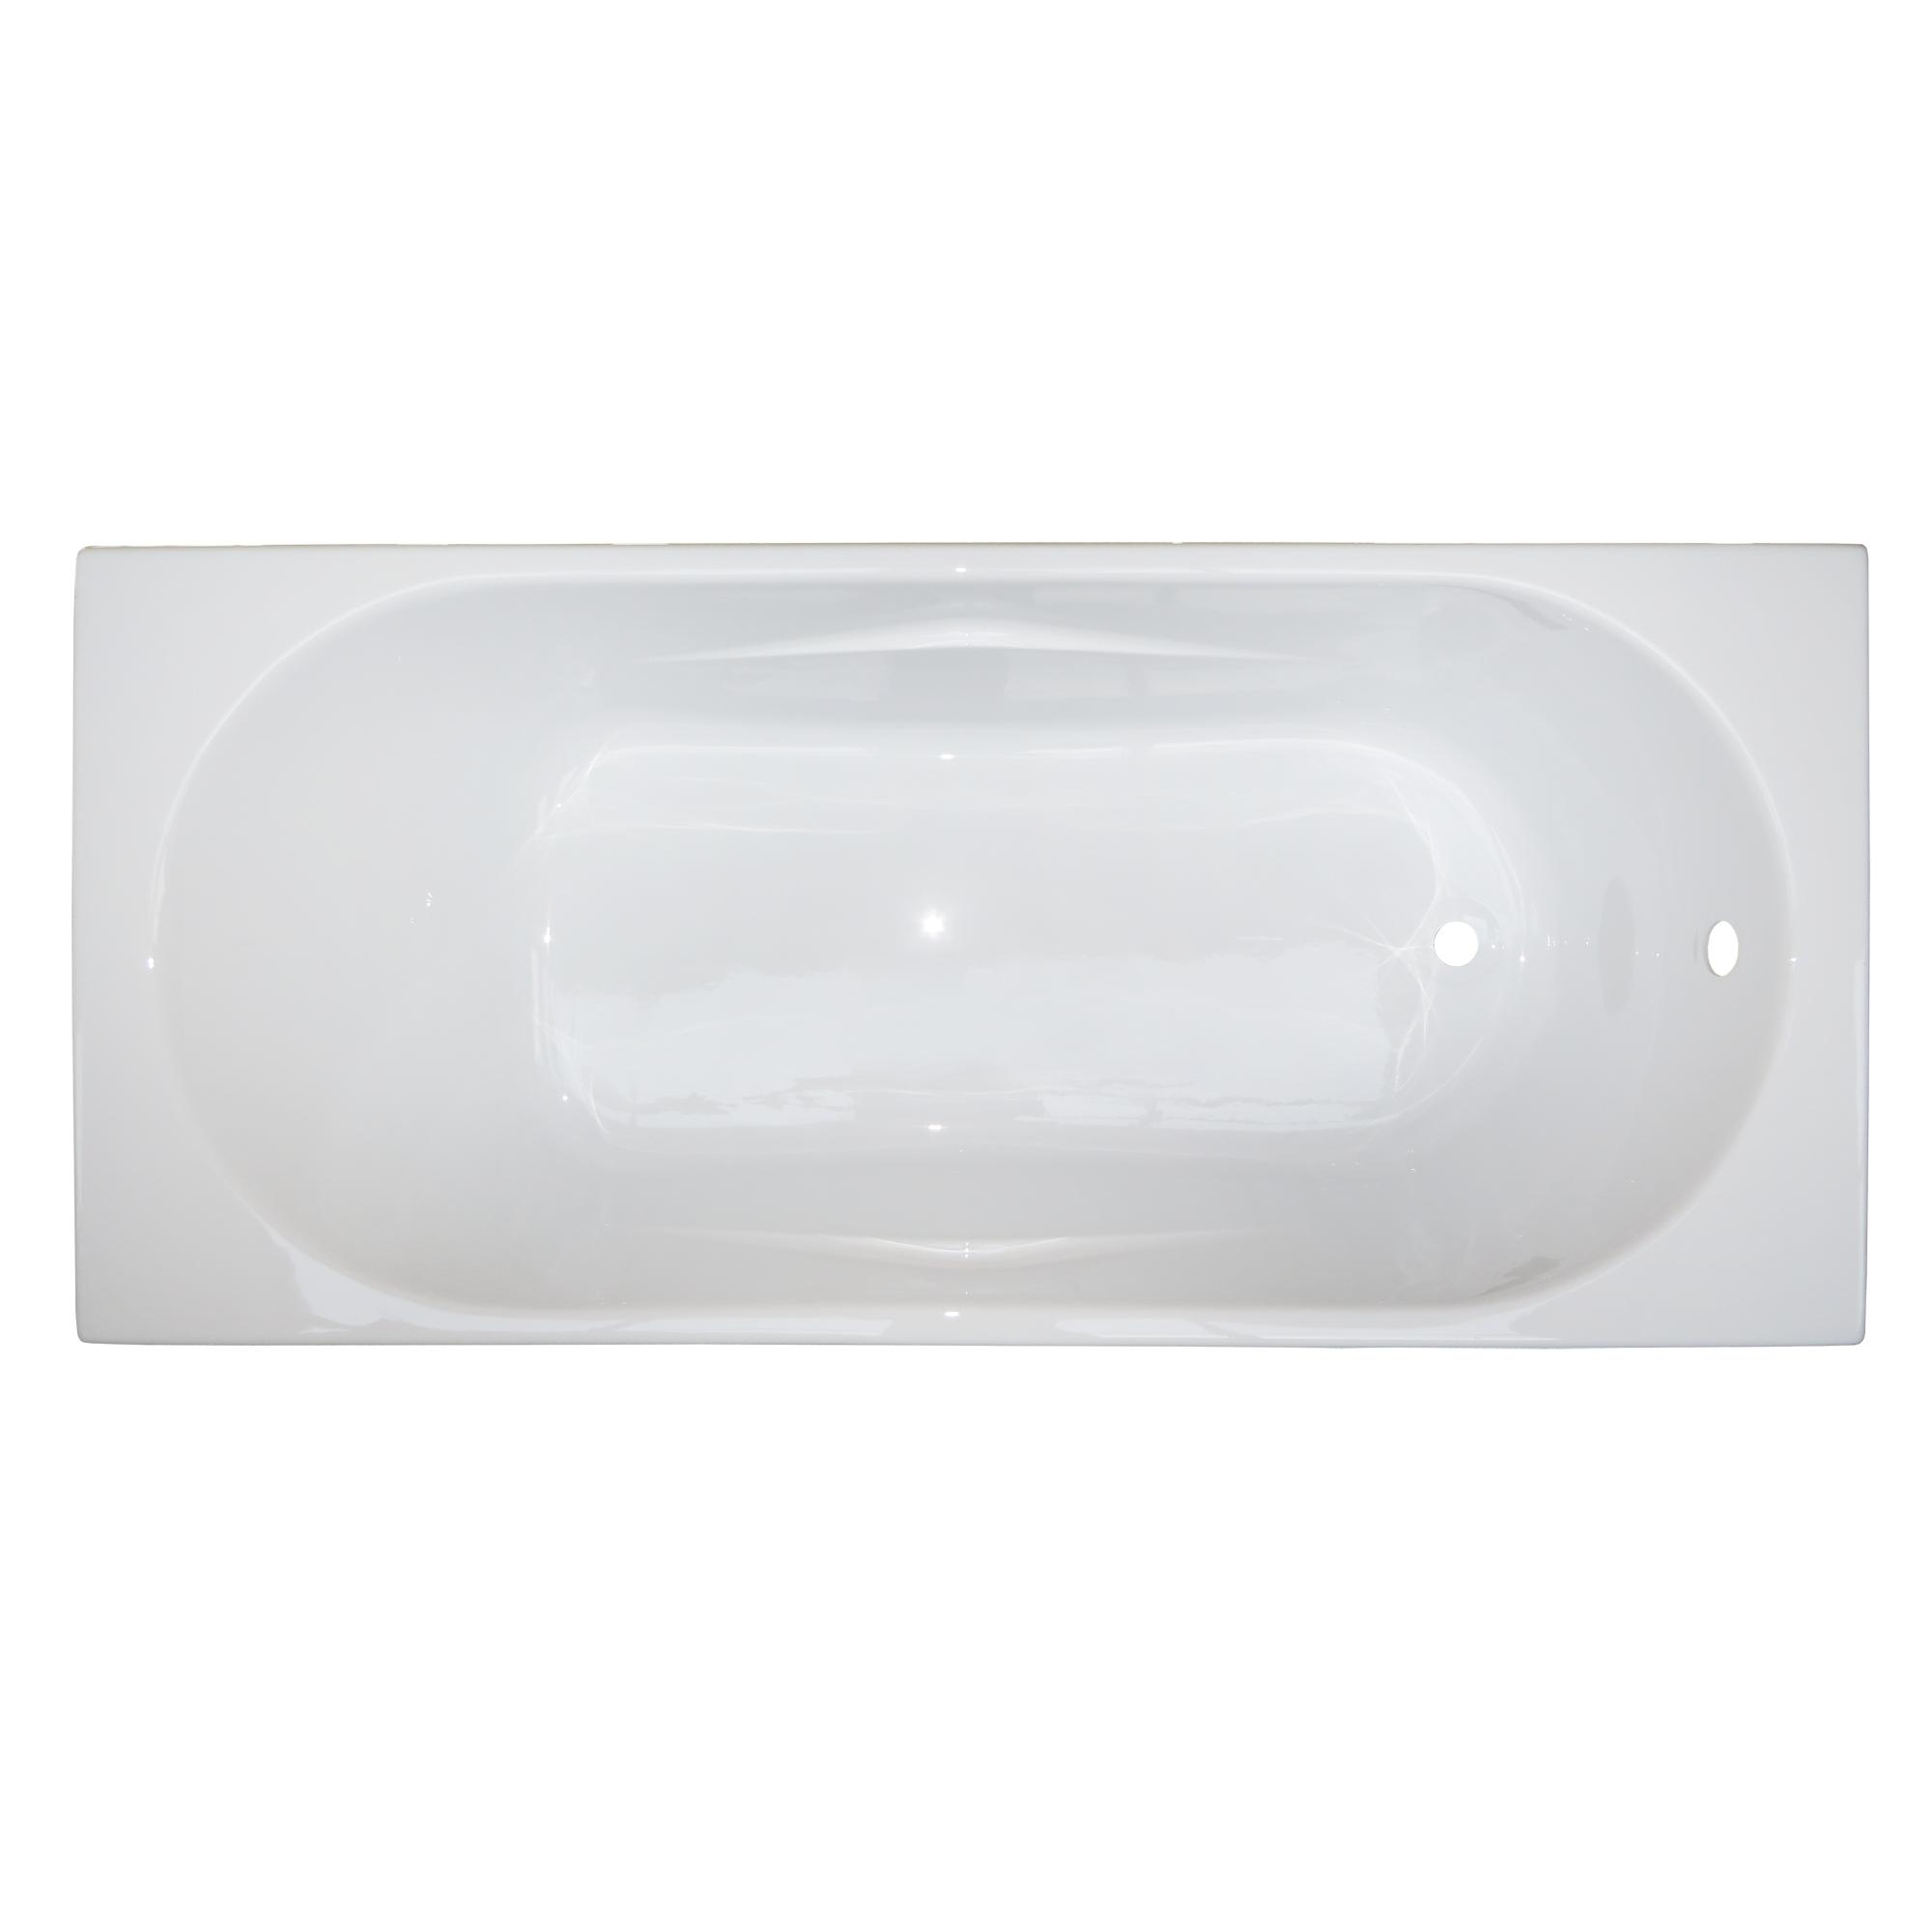 Акриловая ванна Royal bath Tudor RB407701 170х75 панель фронтальная к ванне royal bath alpine 170 rb819102p